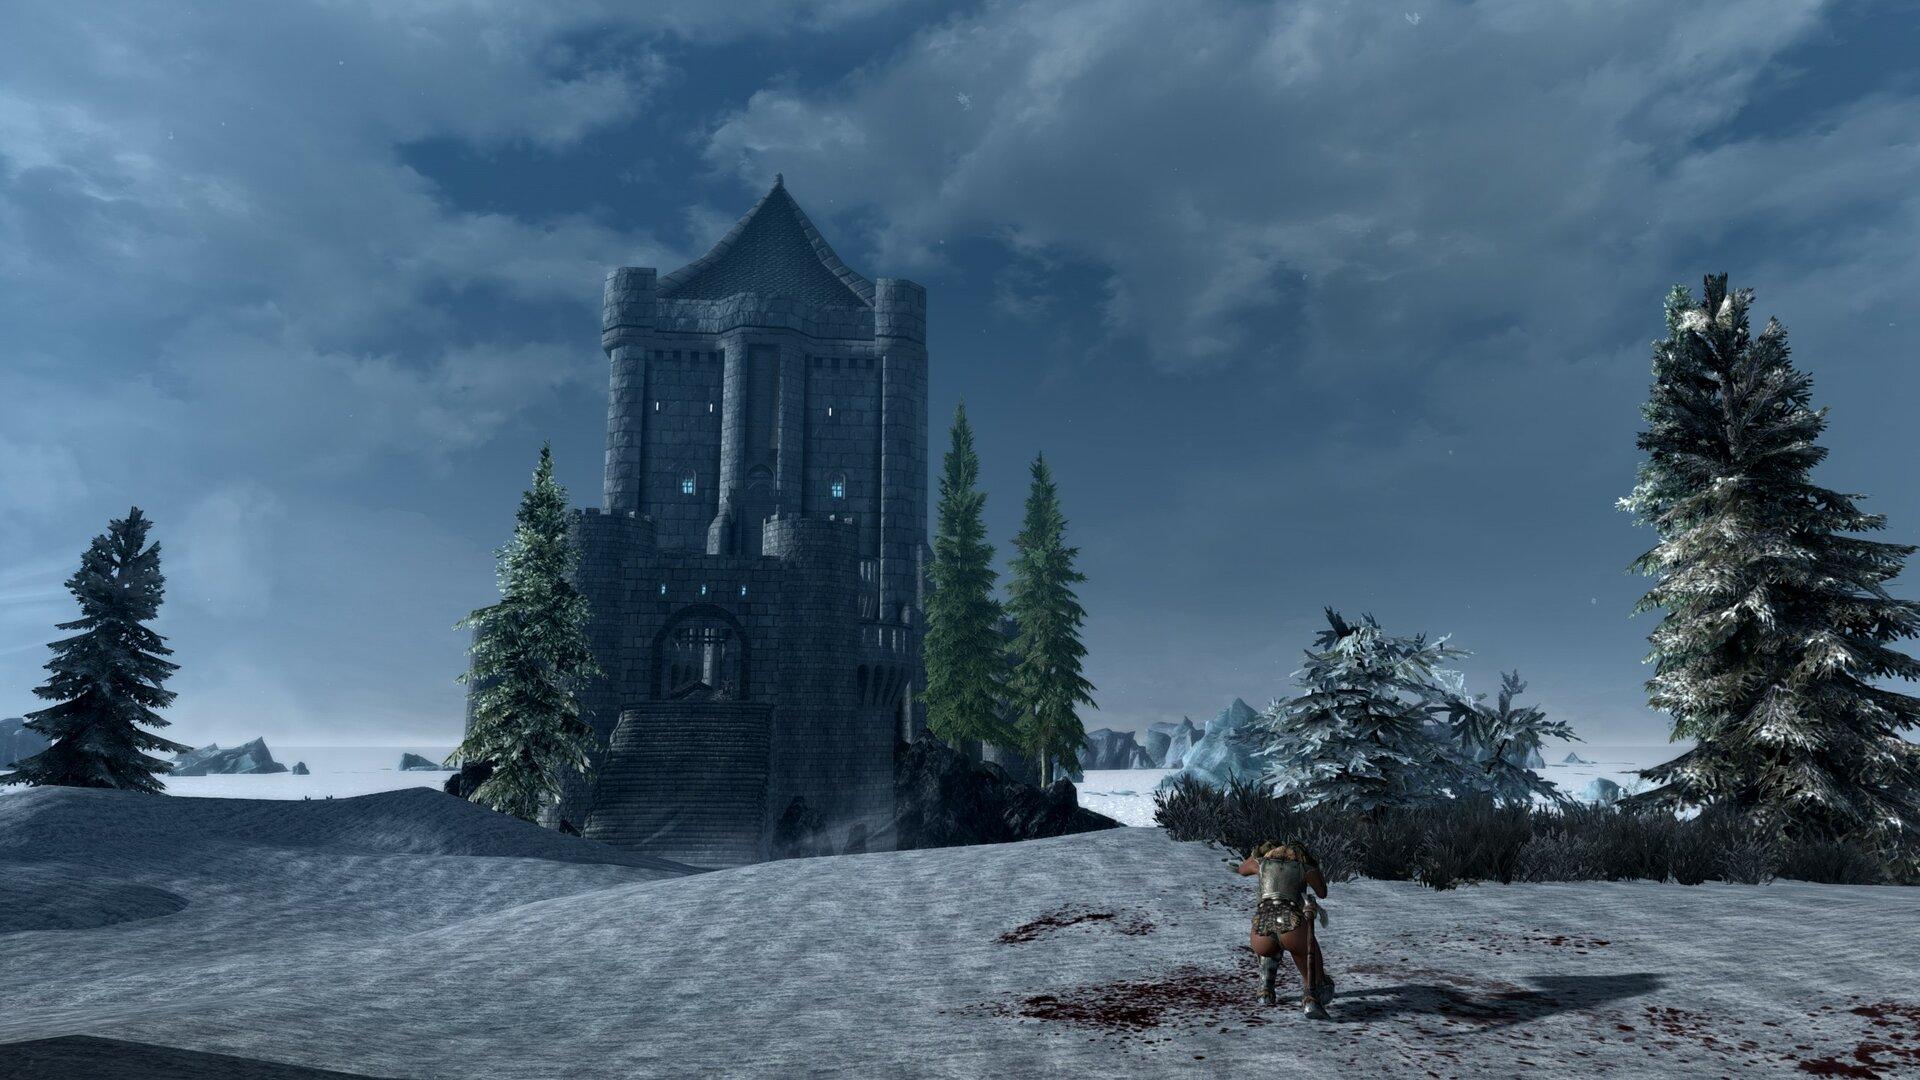 замок Монолит вселяет ужас своим грозным величием